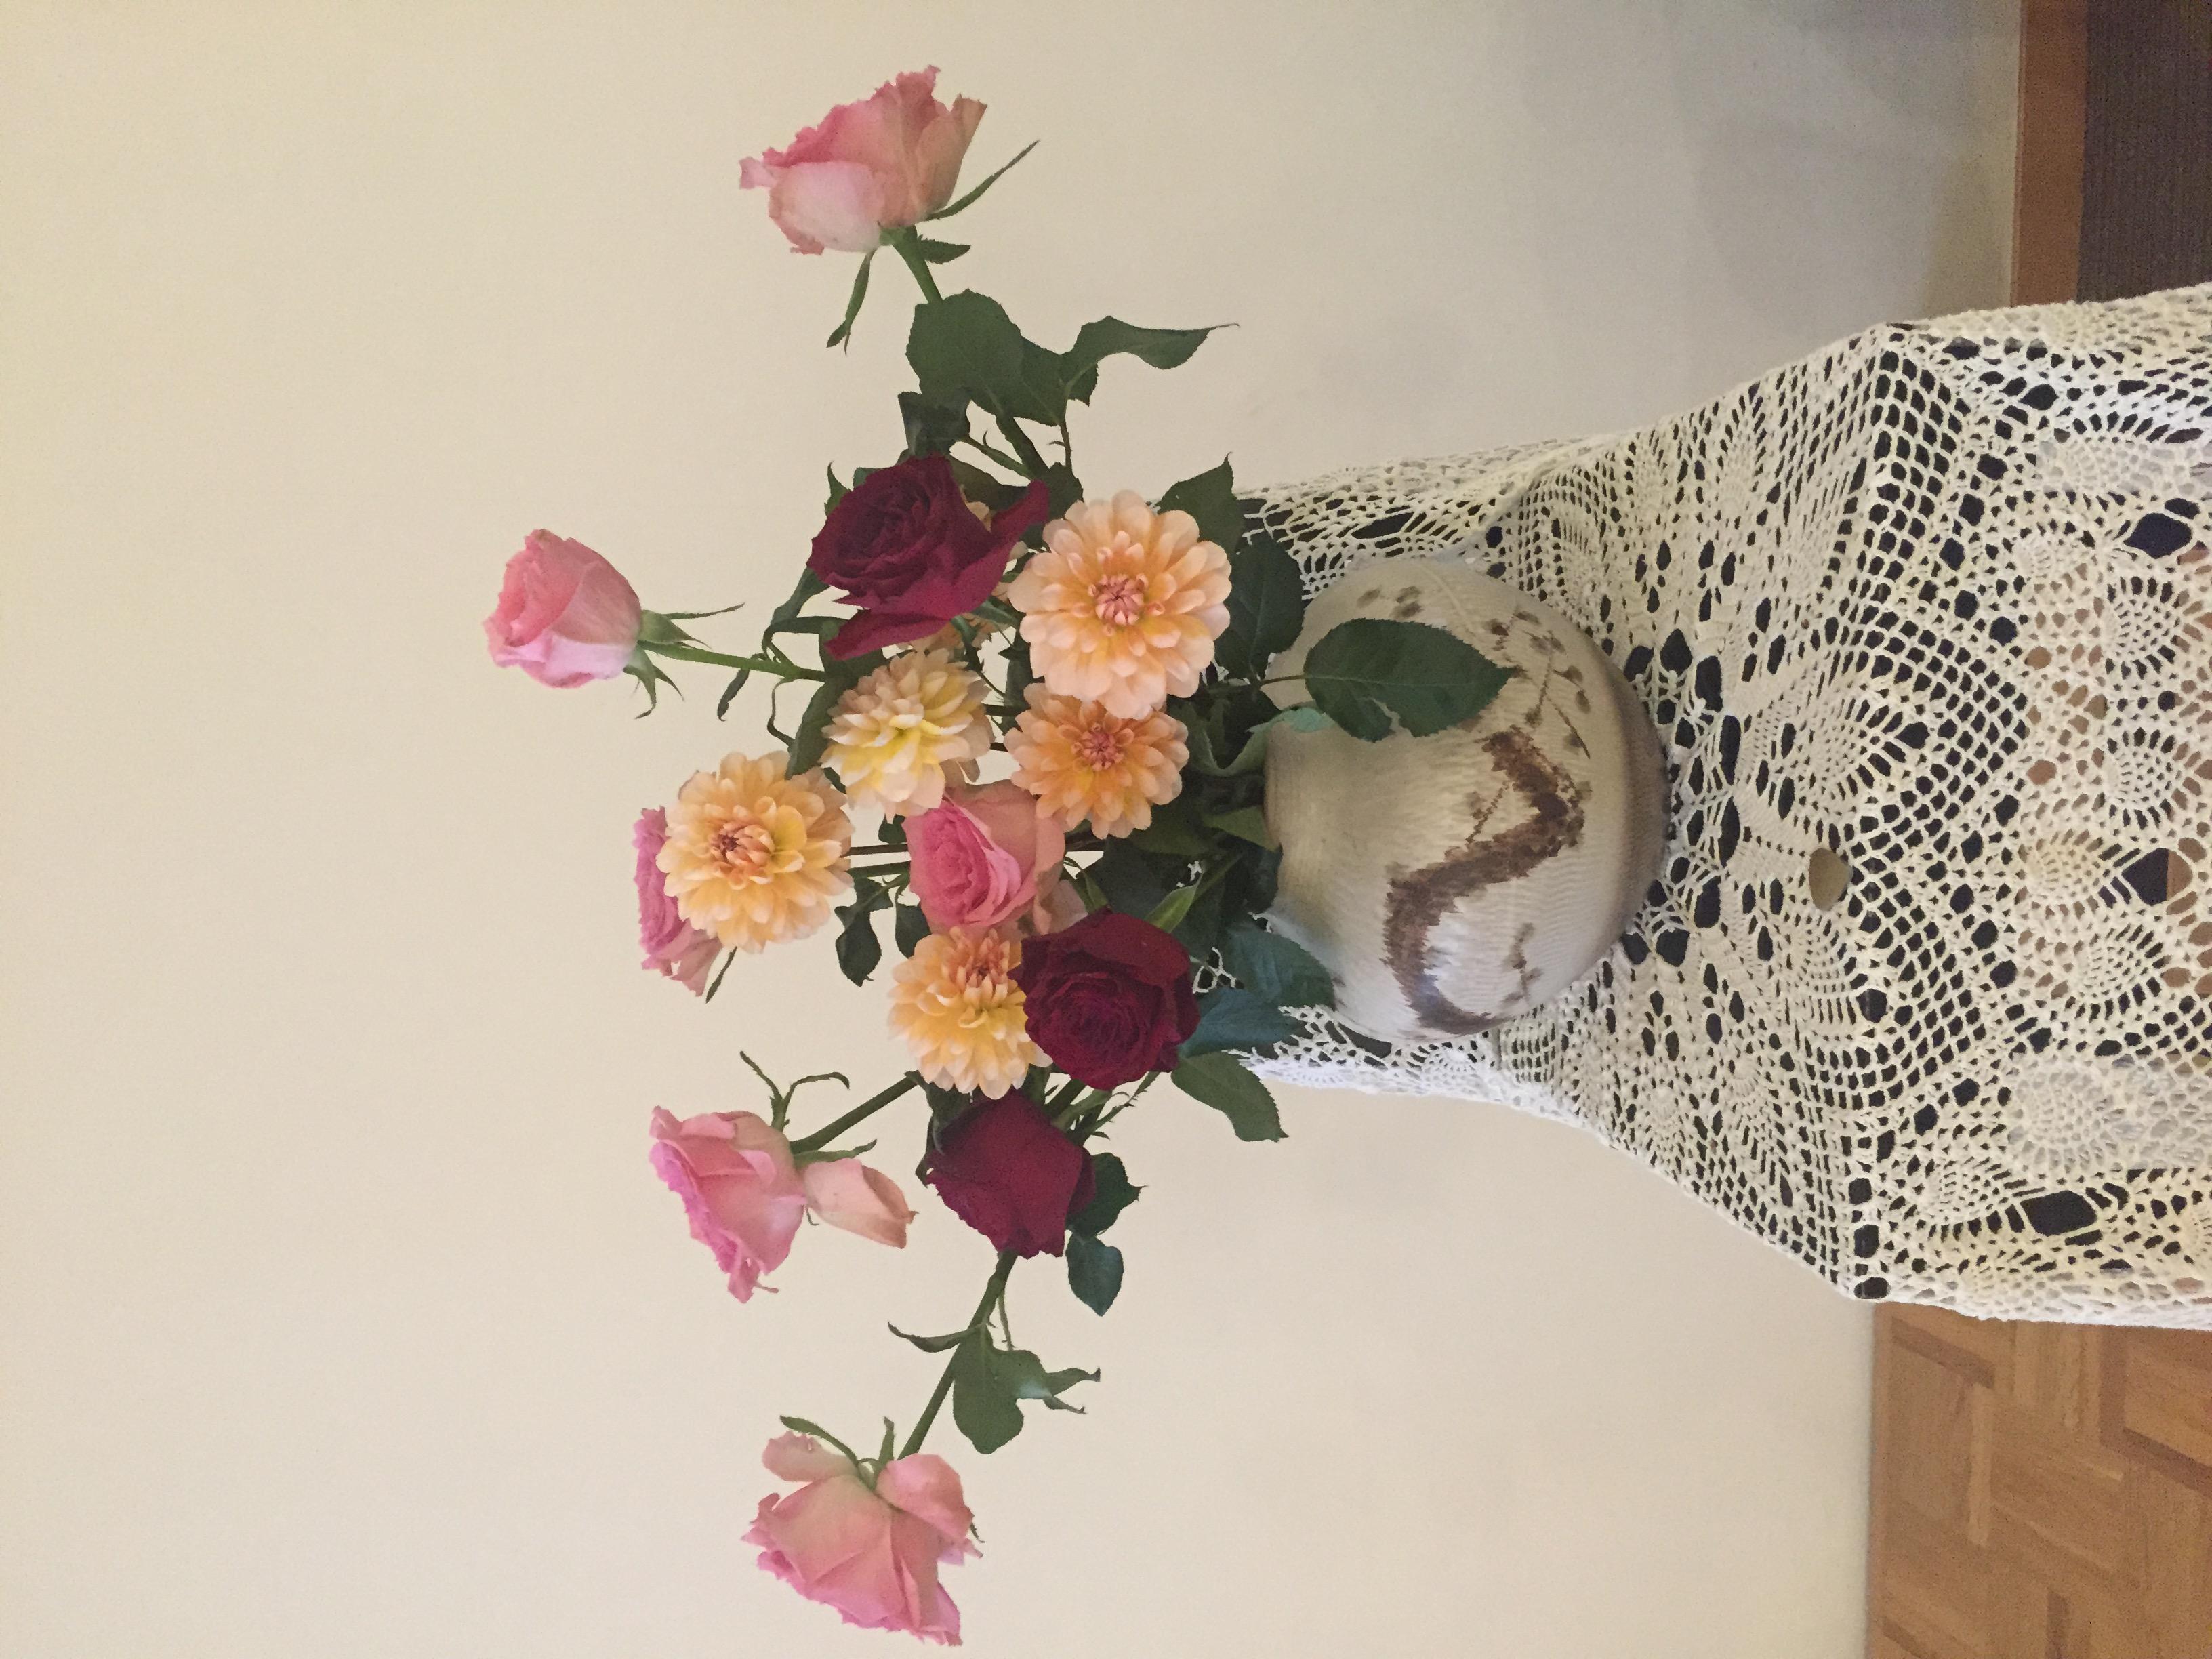 2015/5/24、聖日礼拝のお花